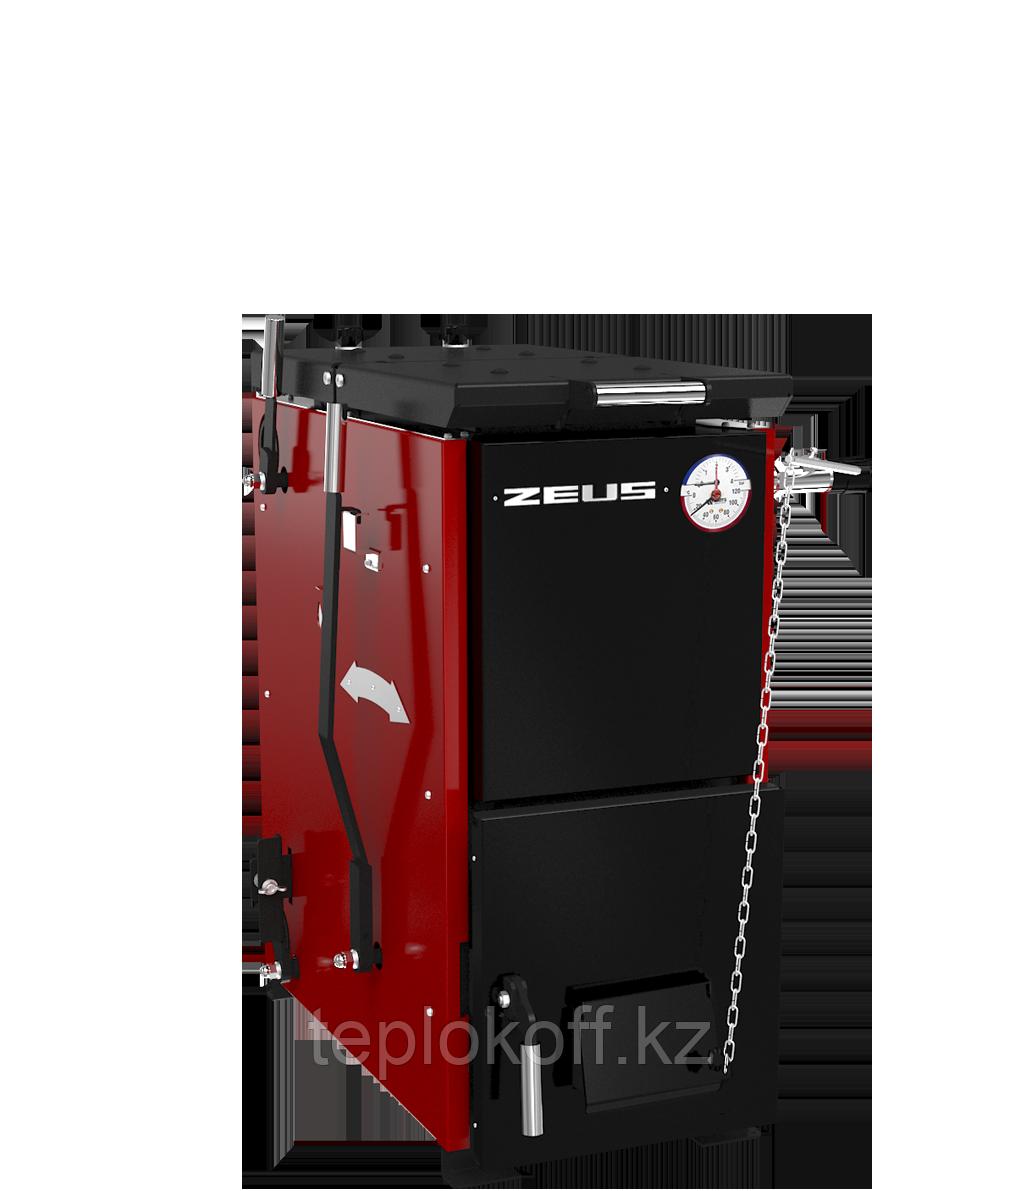 Котел твердотопливный полуавтоматический ZEUS («Зевс») 45 кВт